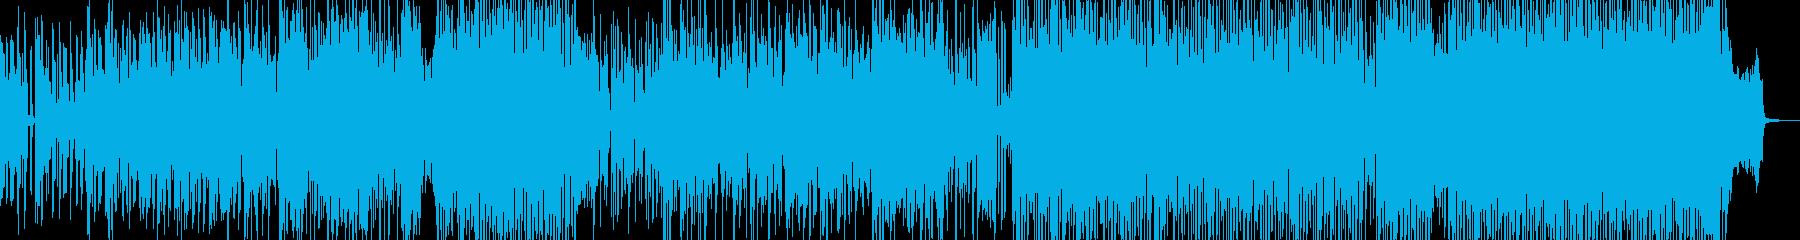 メリハリ・緩急際立つヒップ&ハウス Aの再生済みの波形